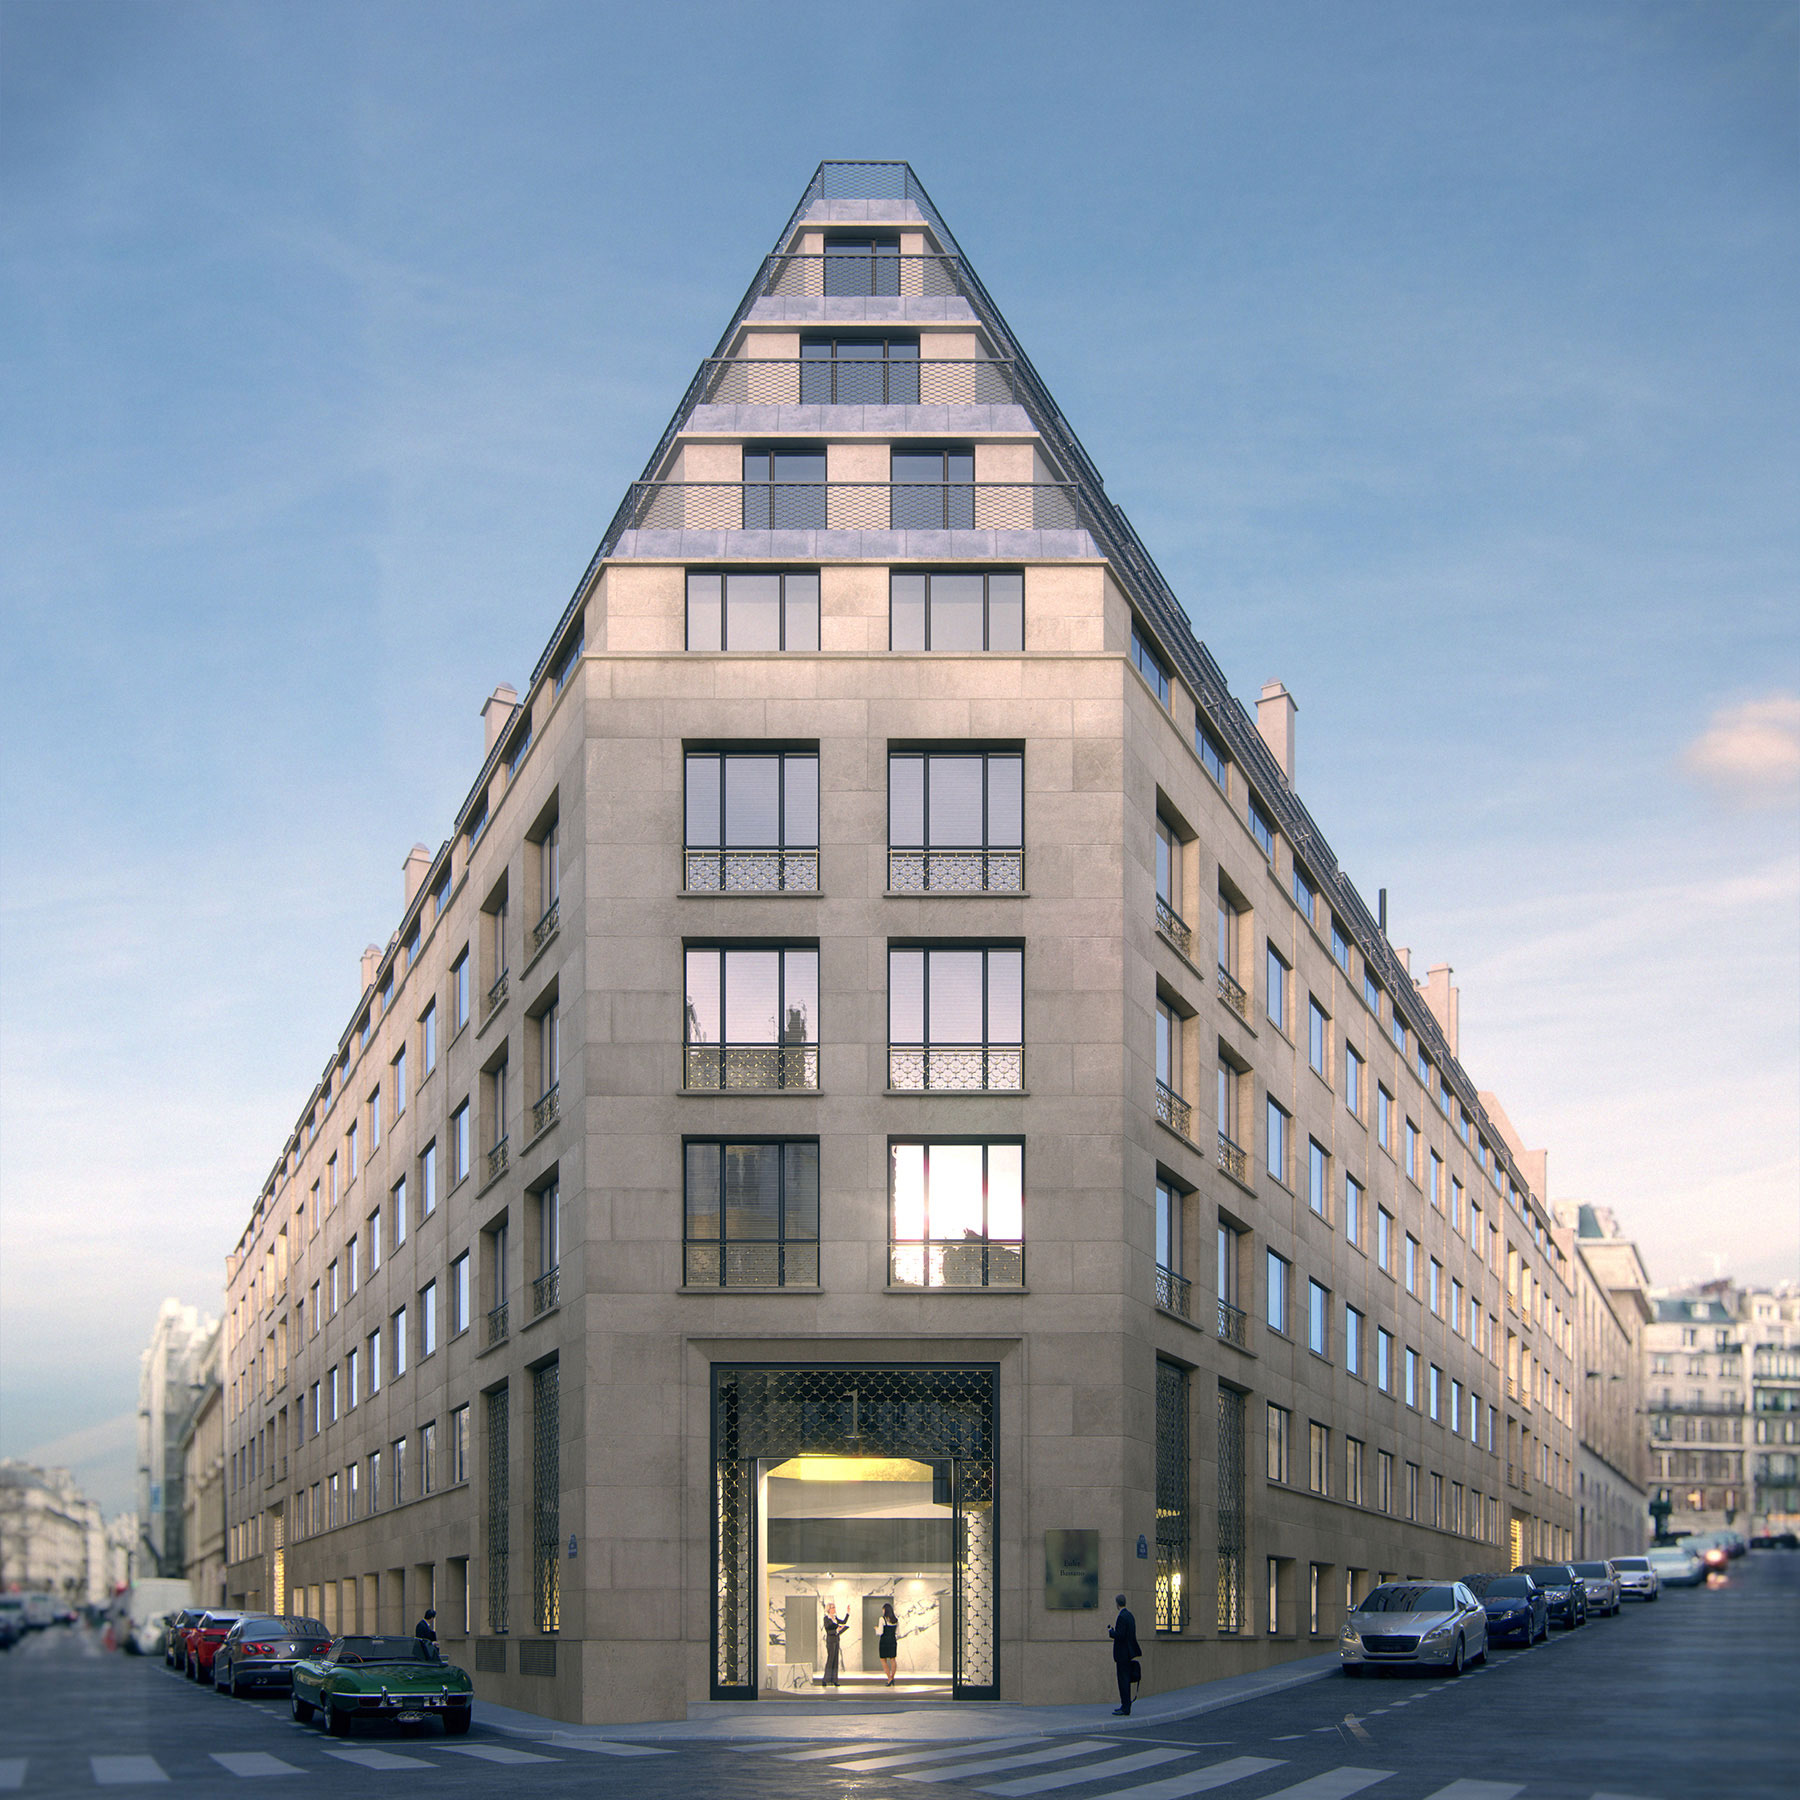 CarmineCrimson-Archviz-2012-euler-facade-progressive.jpg